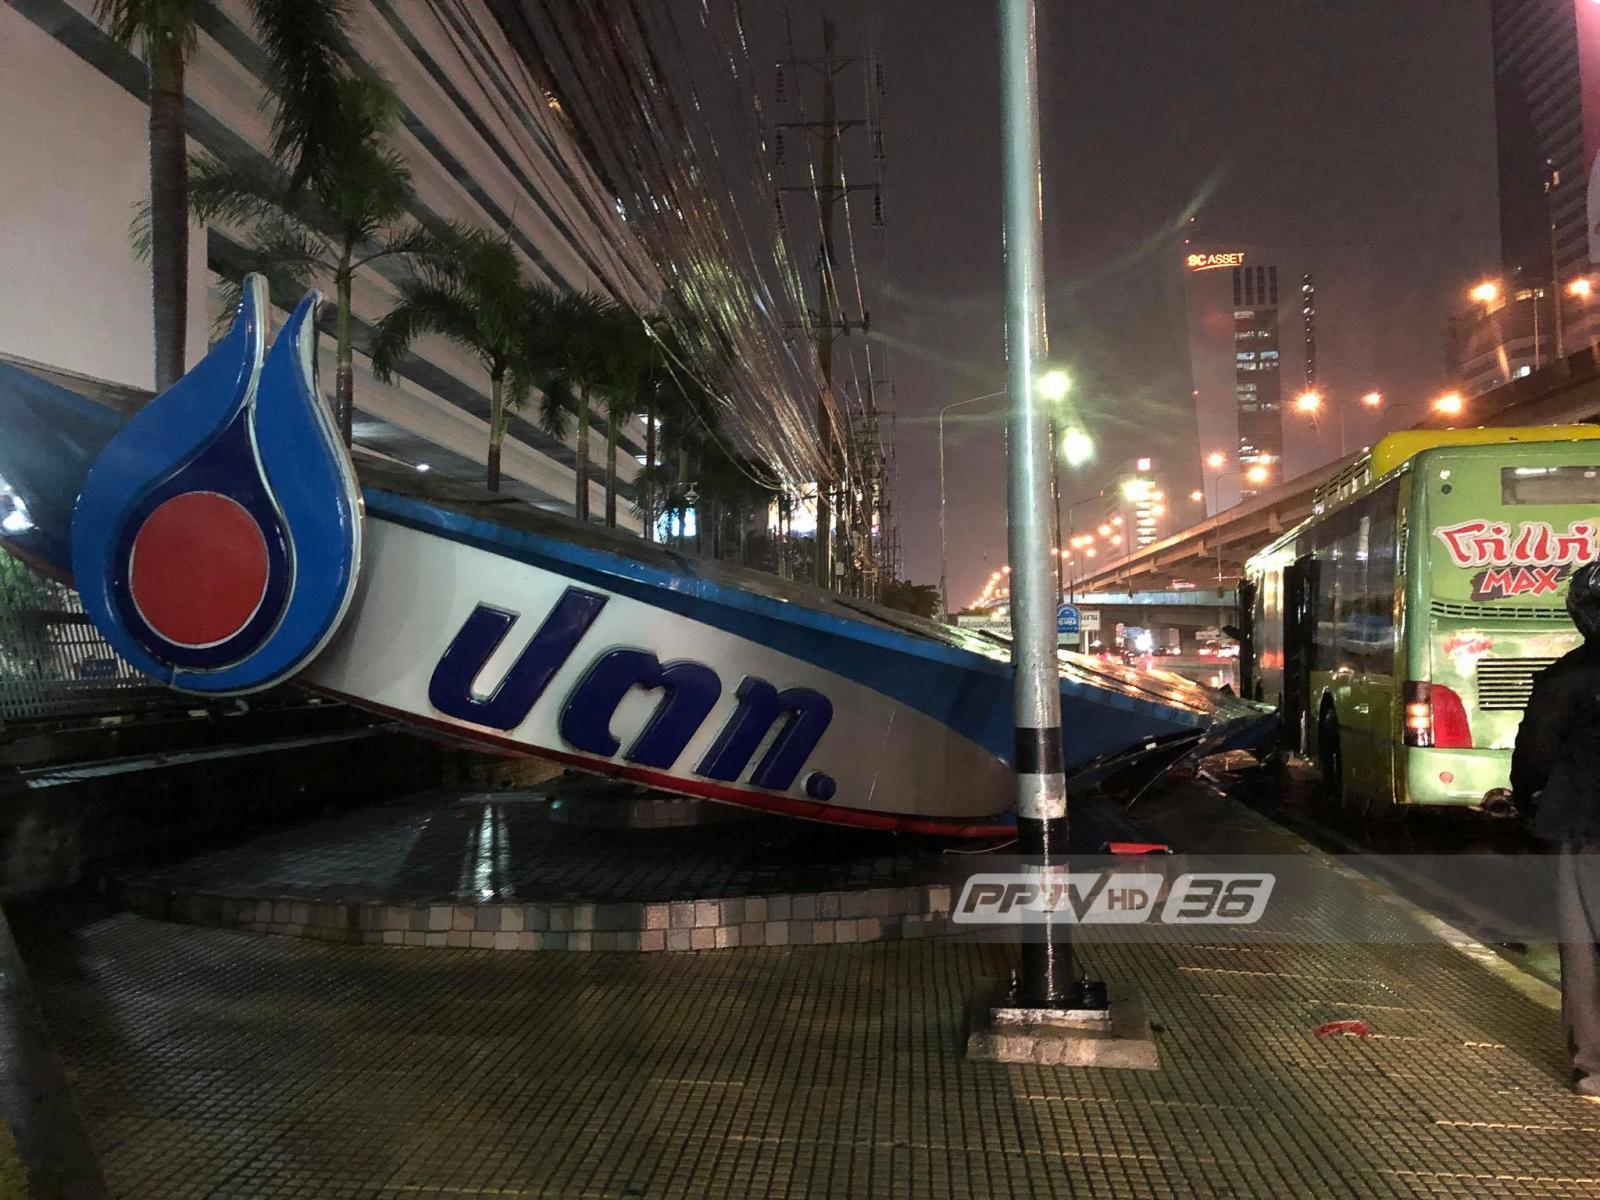 นักข่าวPPTV เล่านาทีระทึก ! หลังคาป้ายรถเมล์หน้าปตท.ถล่ม